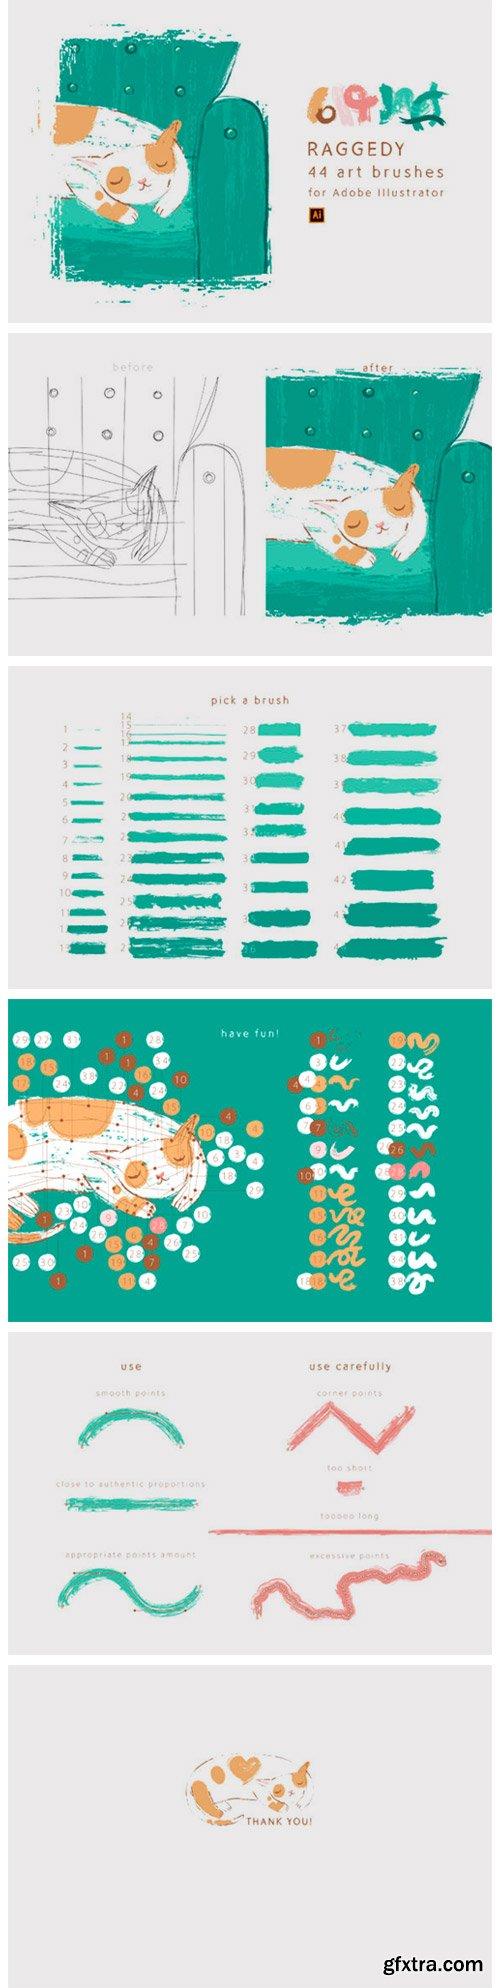 Raggedy Art Brushes for Illustrator 6941270